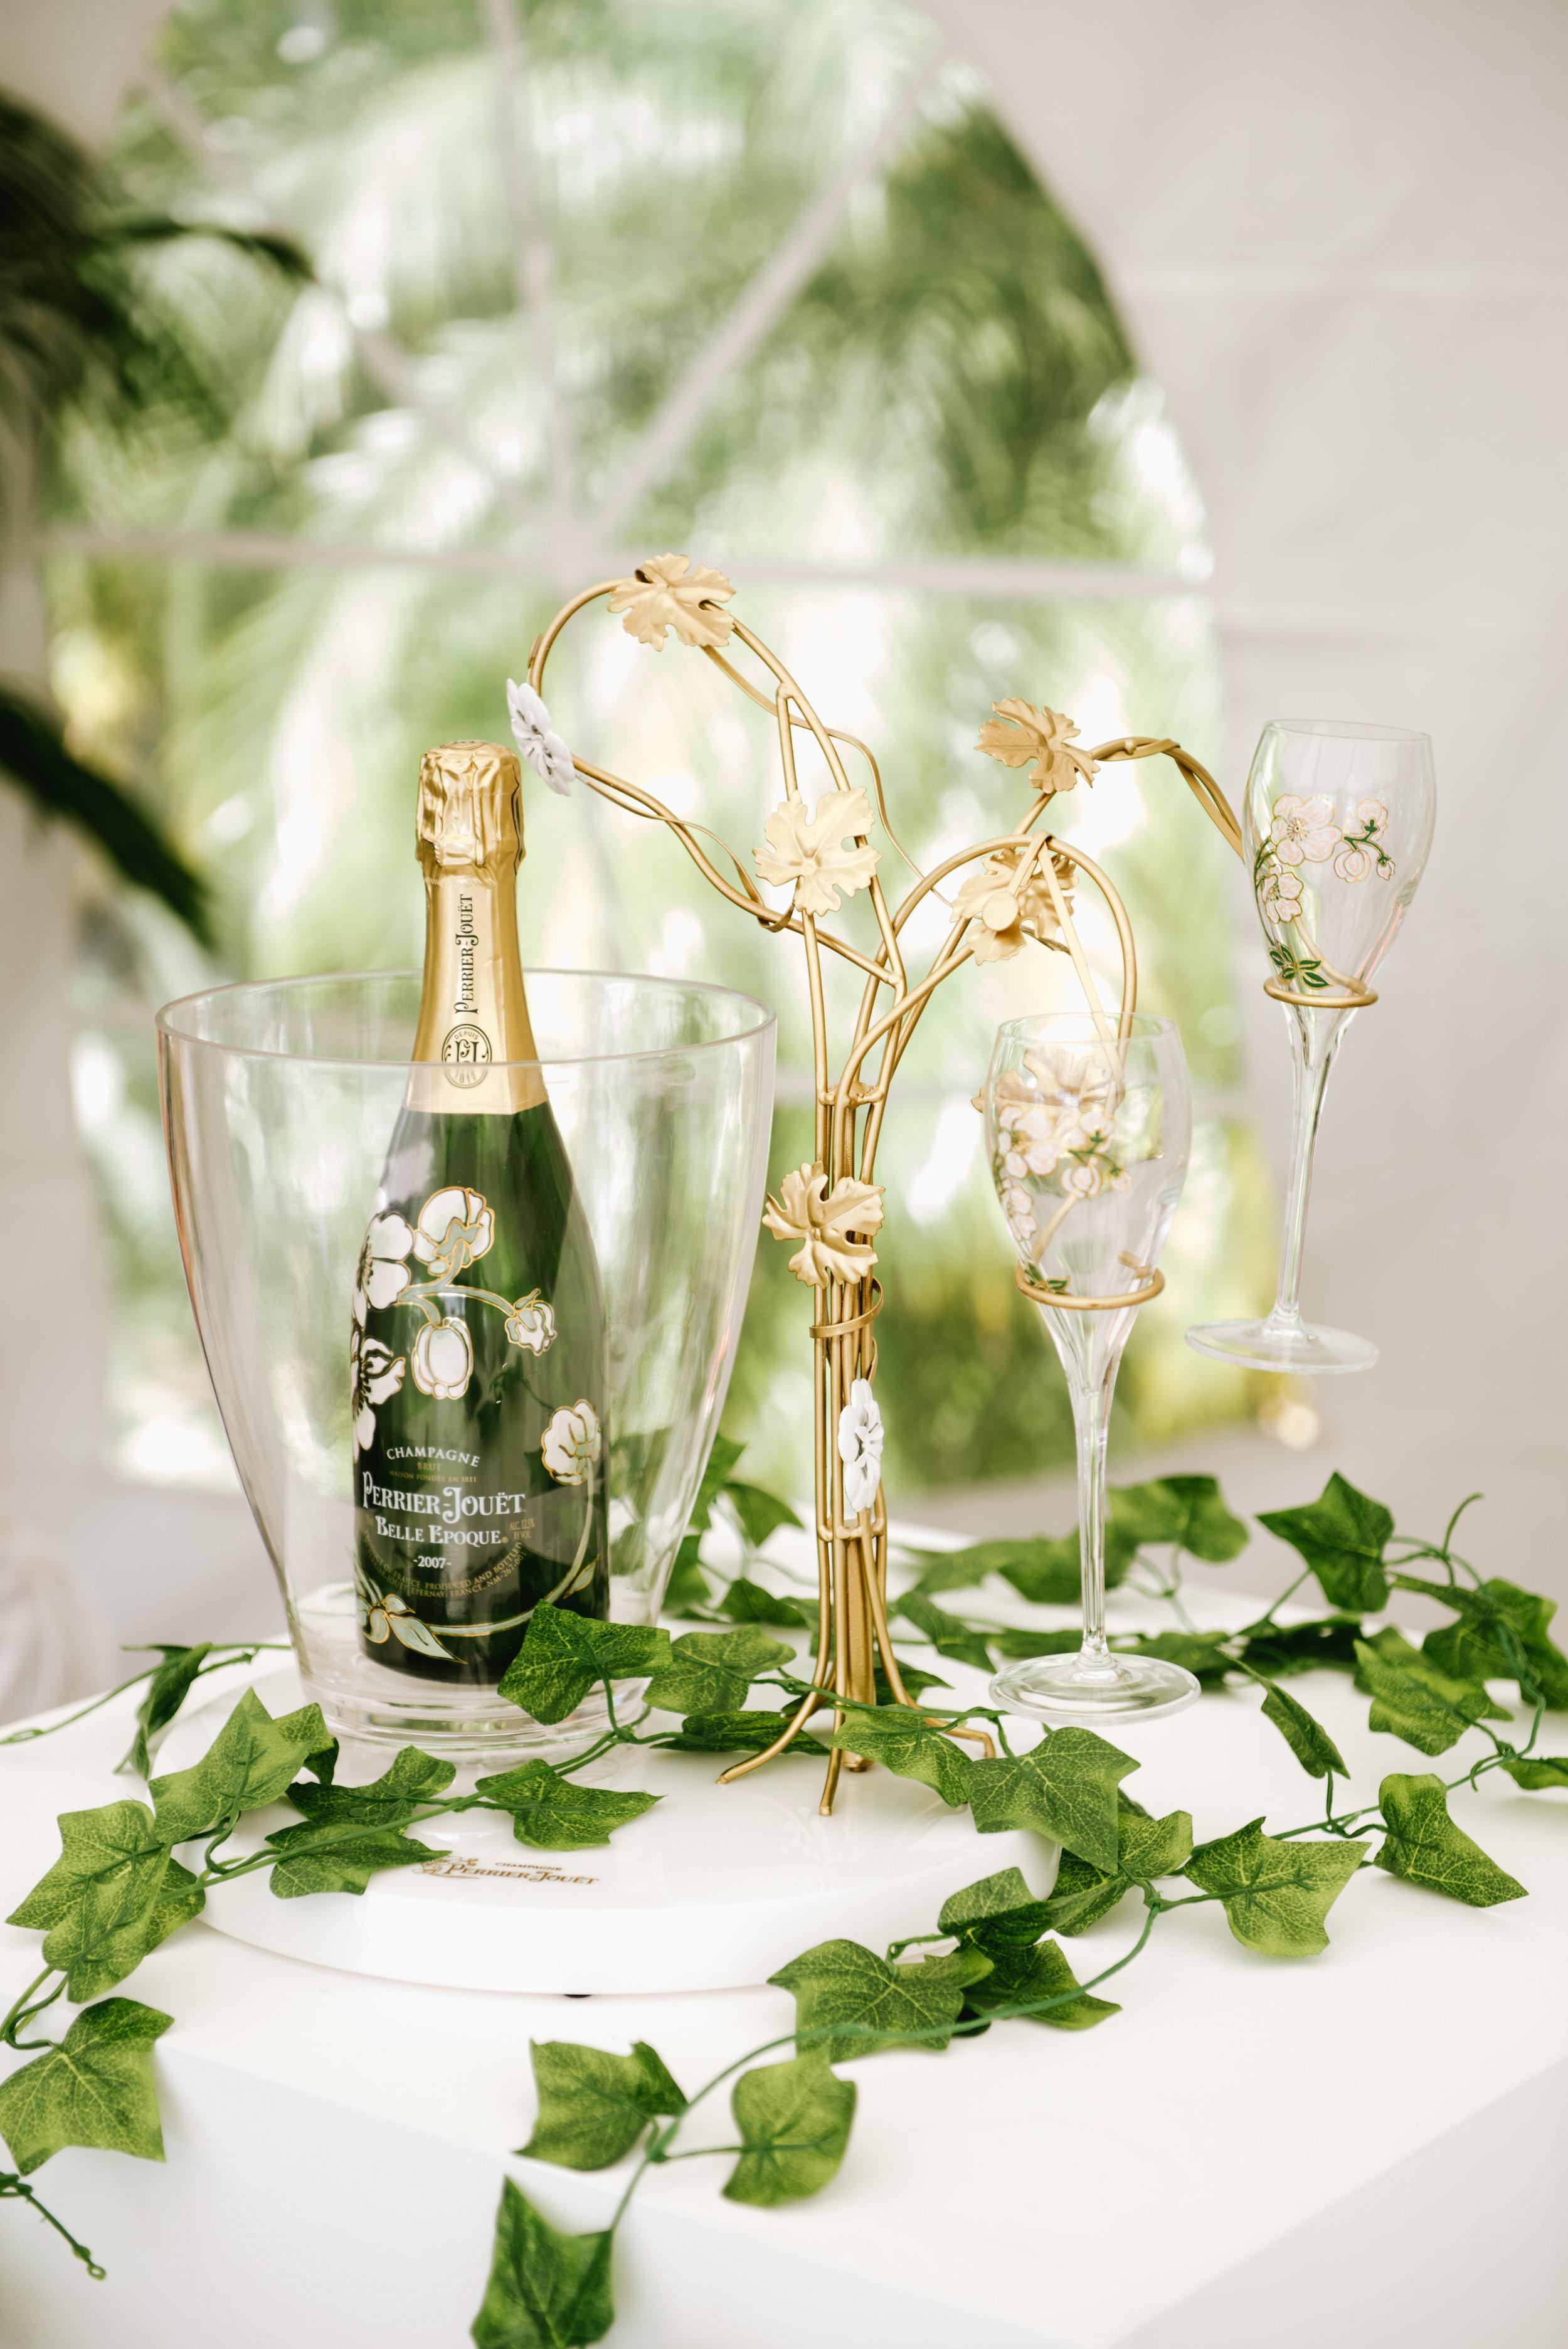 Pernod Ricard_Perrier Jouet_Cole Beal-3.jpg